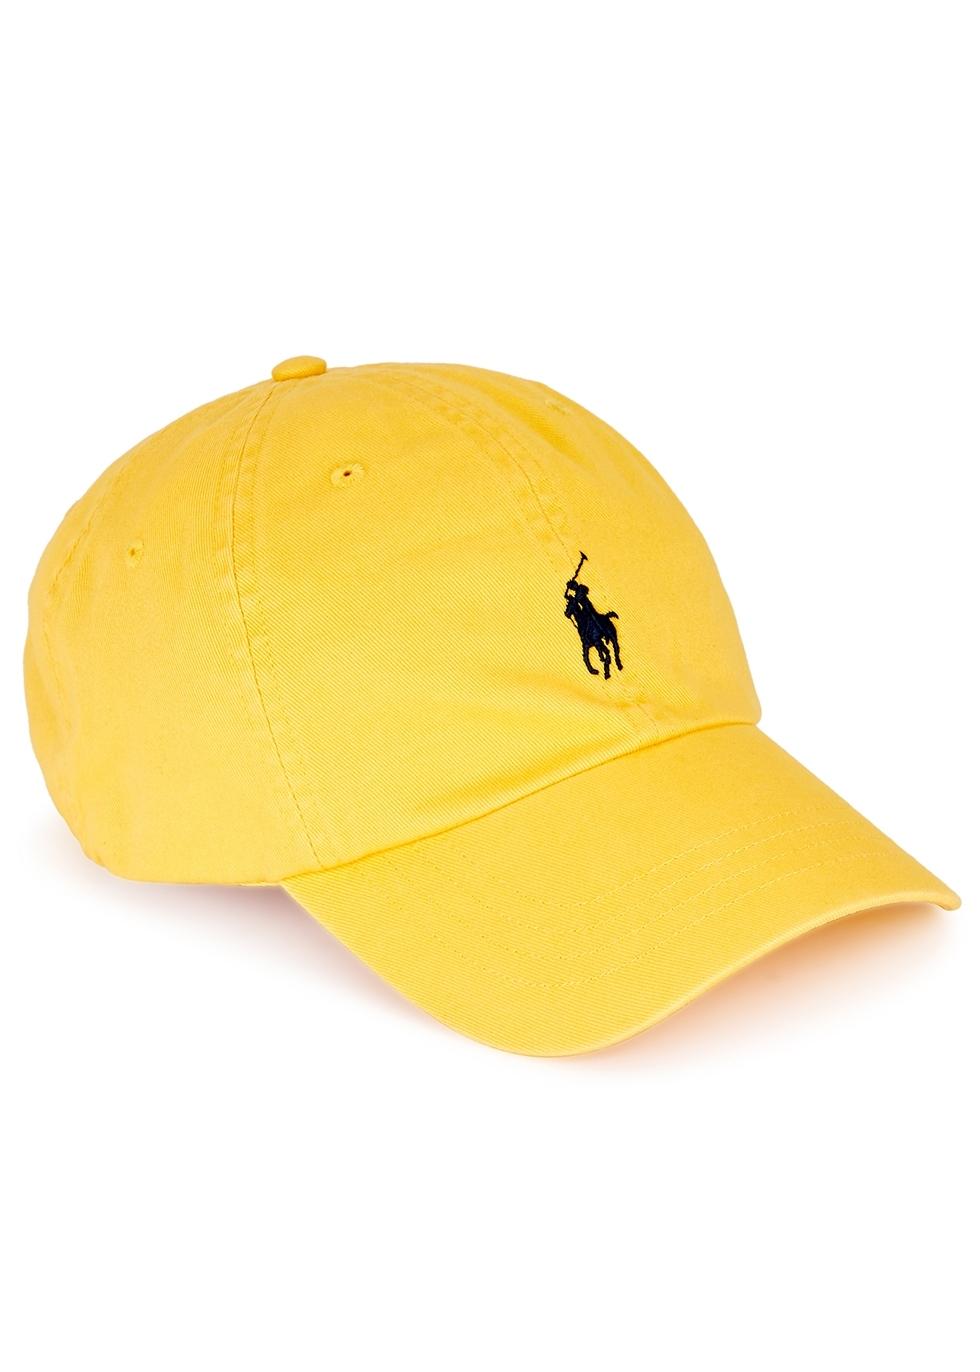 b419e3a35f57a4 Men's Designer Hats - Harvey Nichols